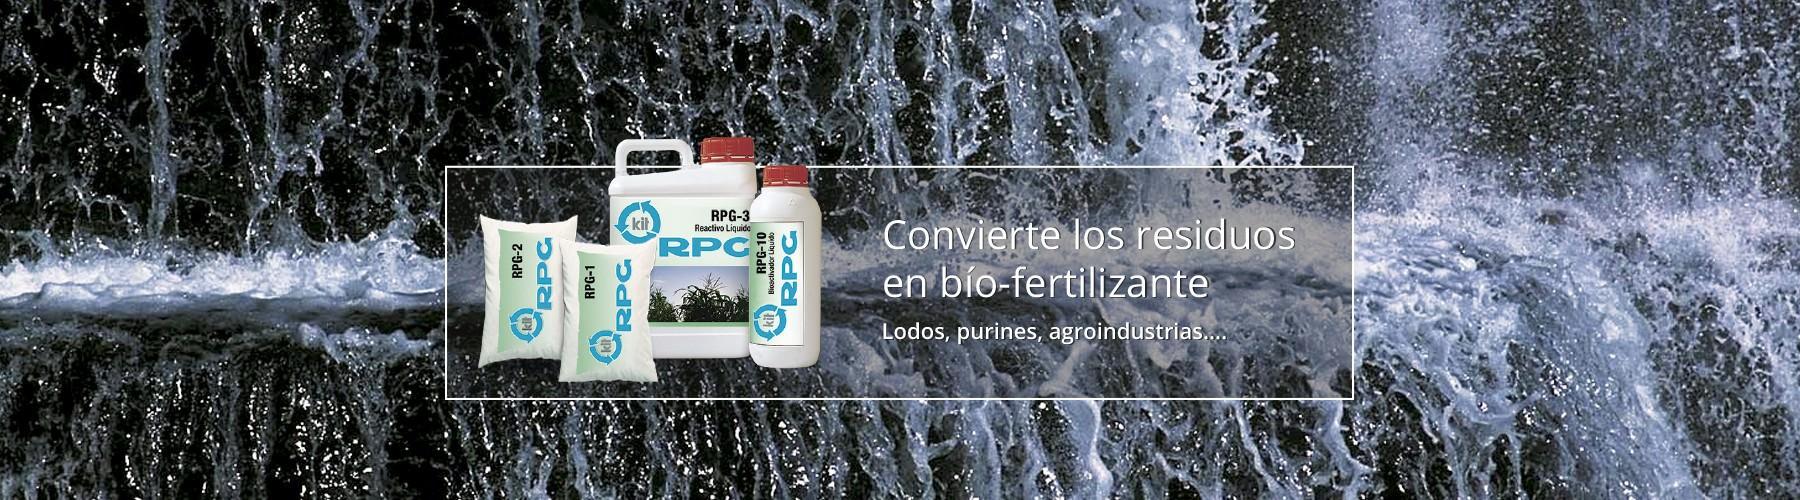 Kii RPG. Convierte los residuos orgánicos de las agroindustrias en fertilizante